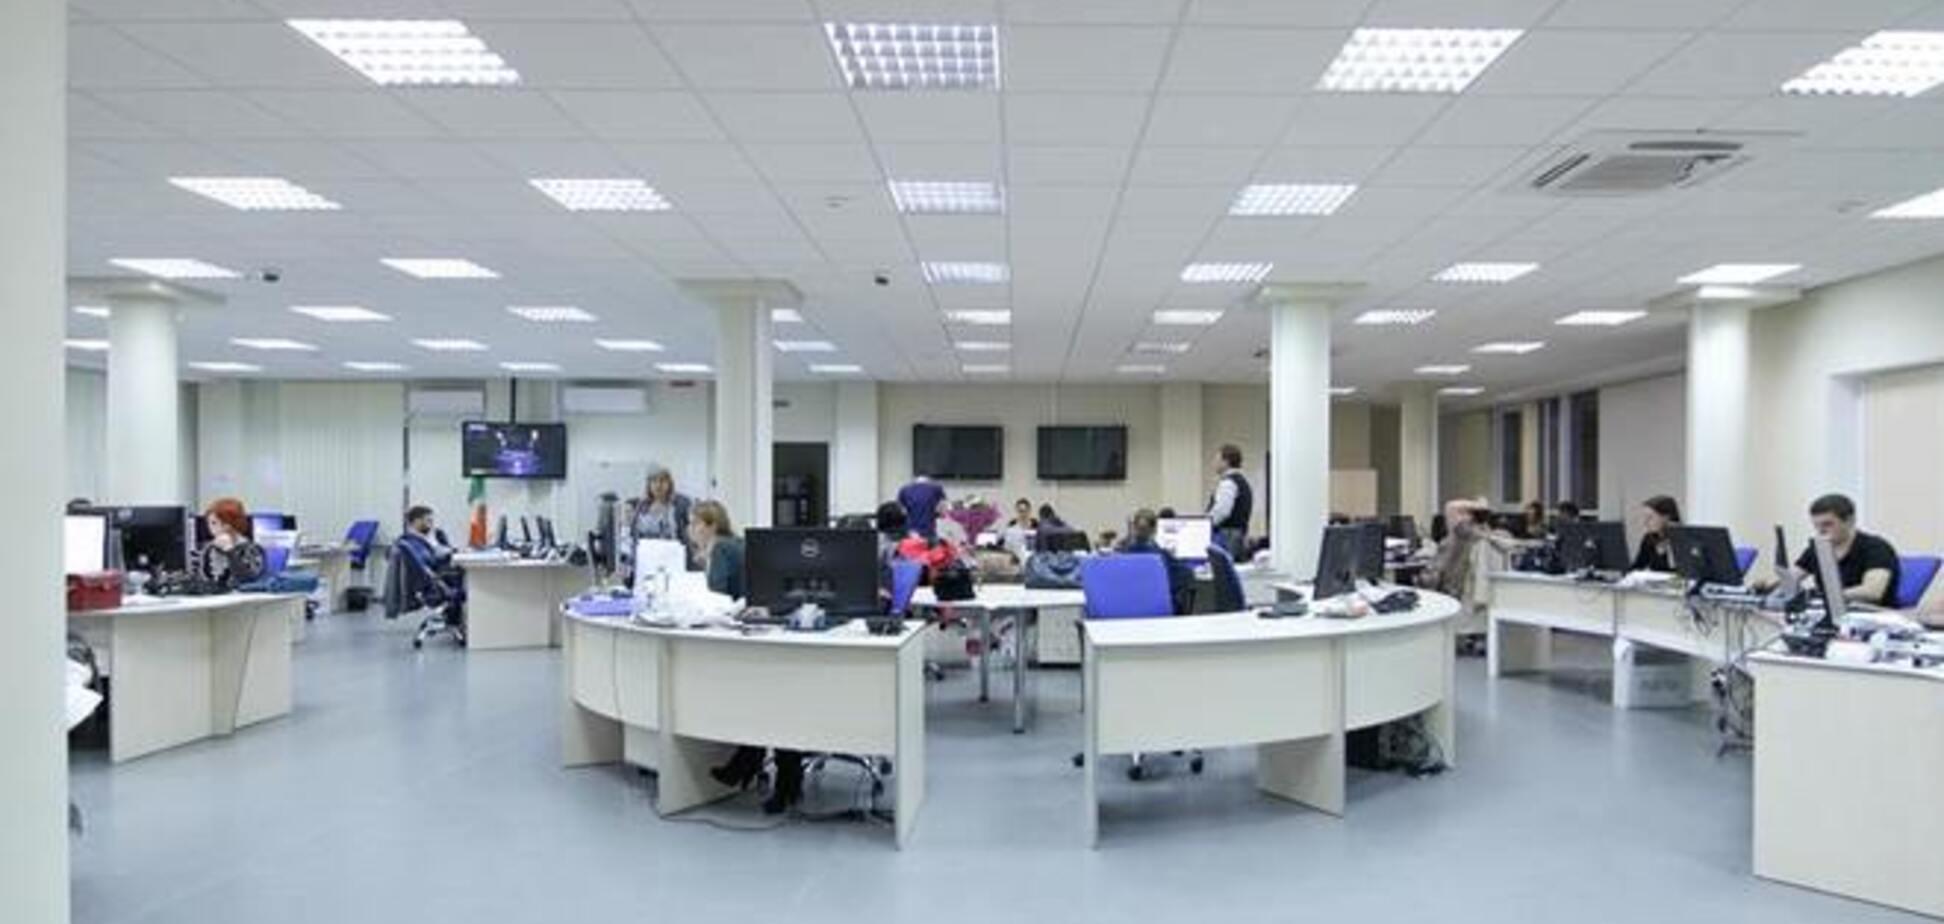 Податкова міліція заблокувала редакцію газети 'Вести'